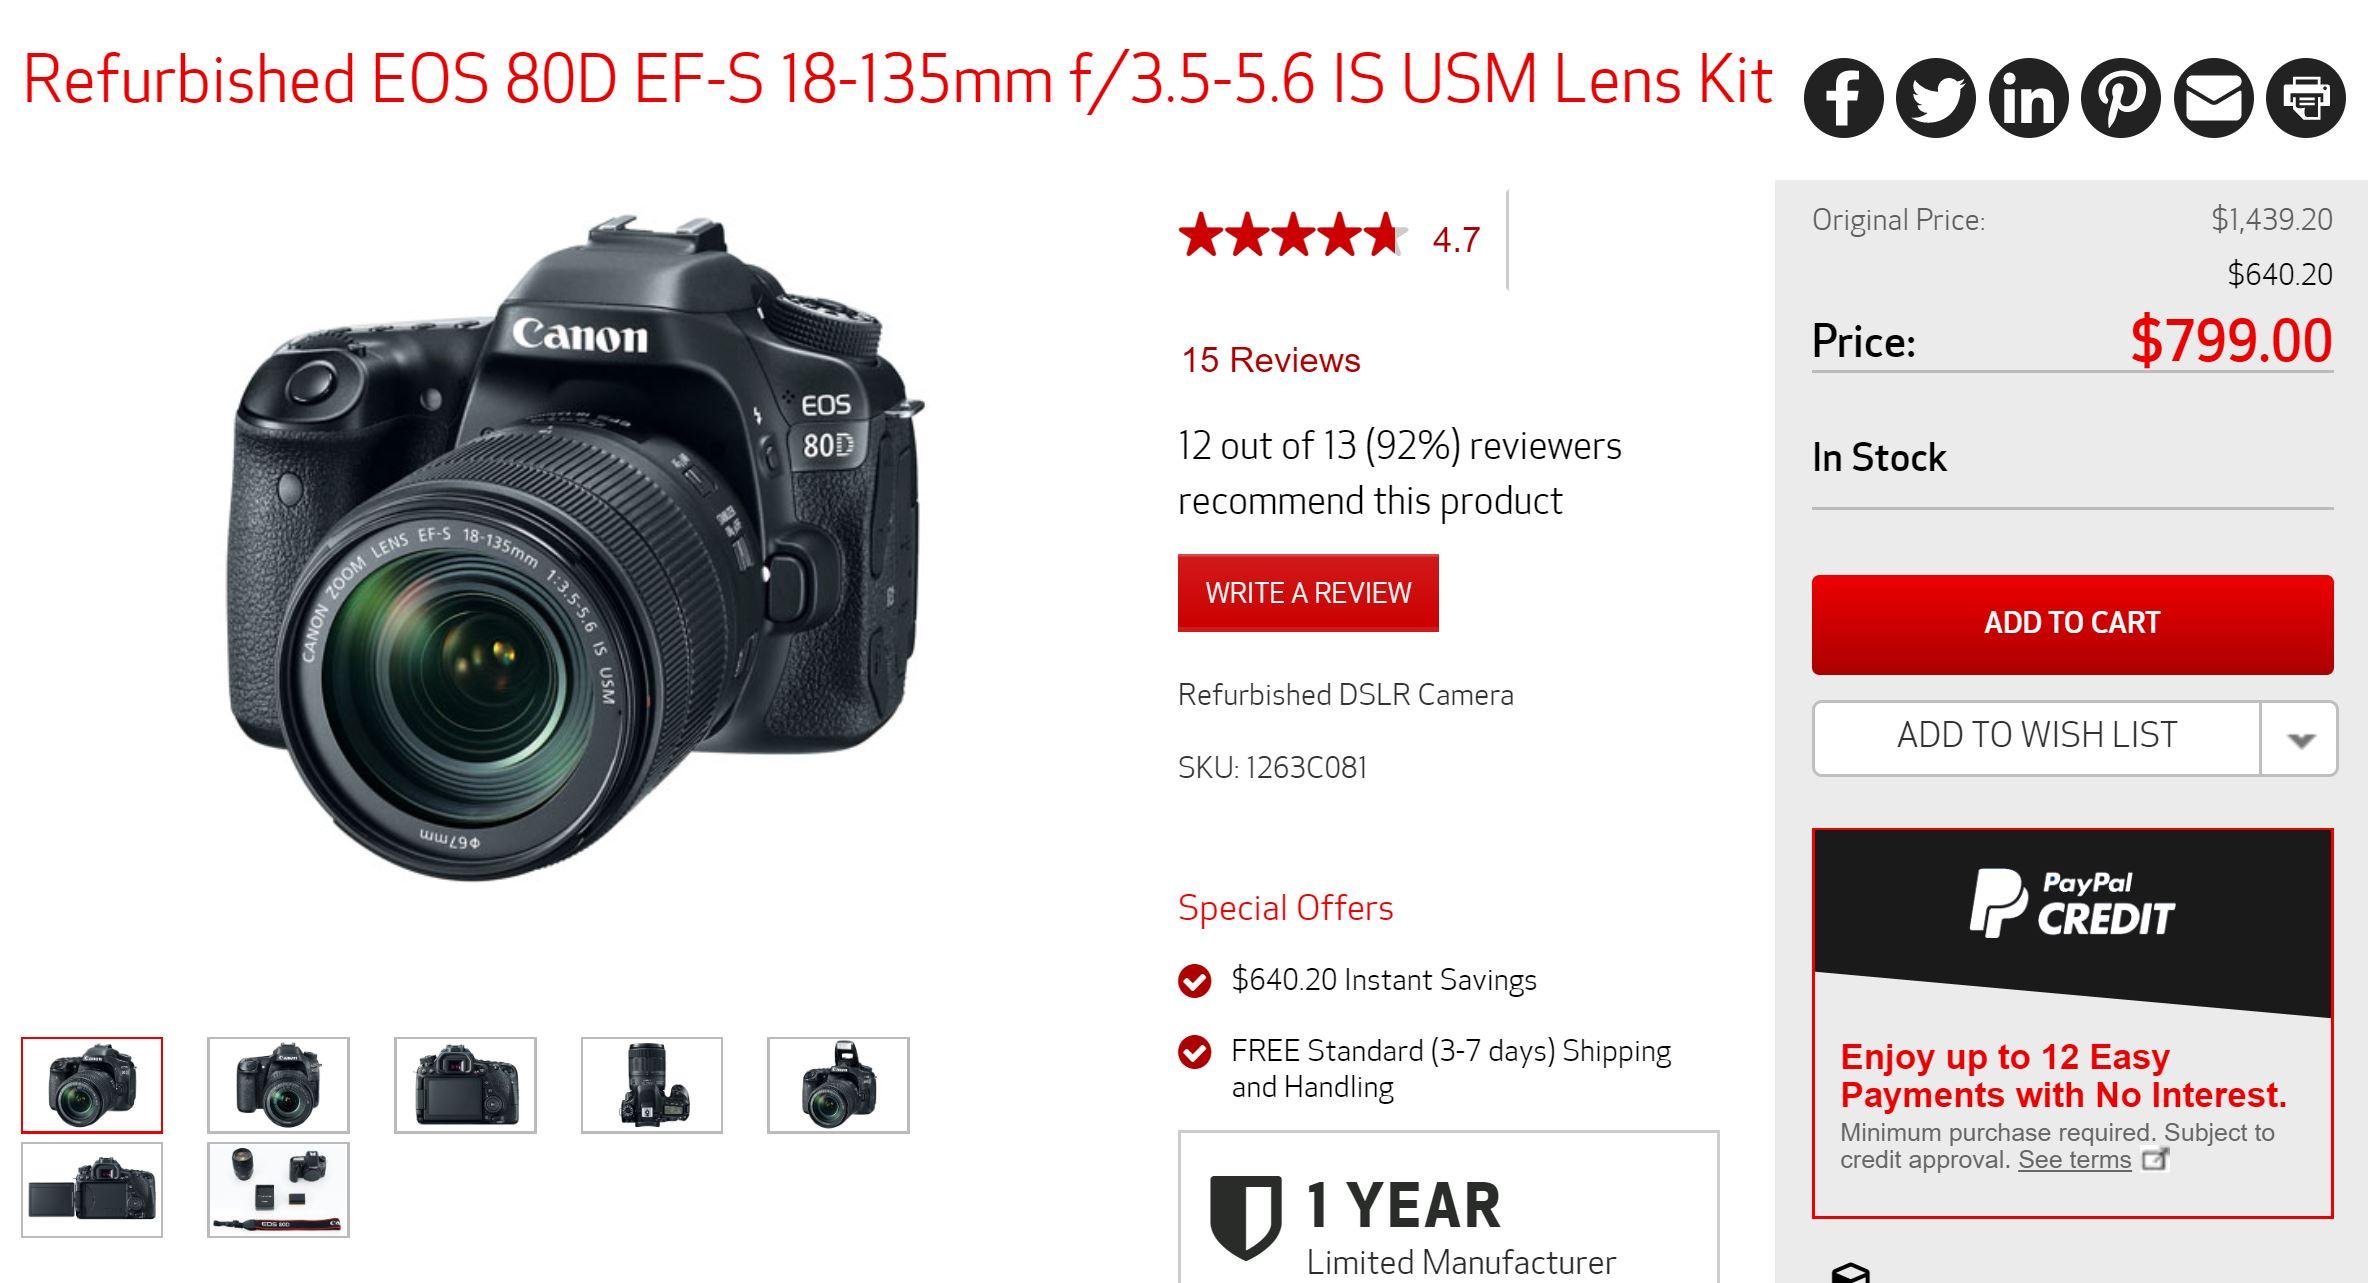 Super Hot ! Refurbished EOS 80D w/ 18-135mm Lens for $799 !